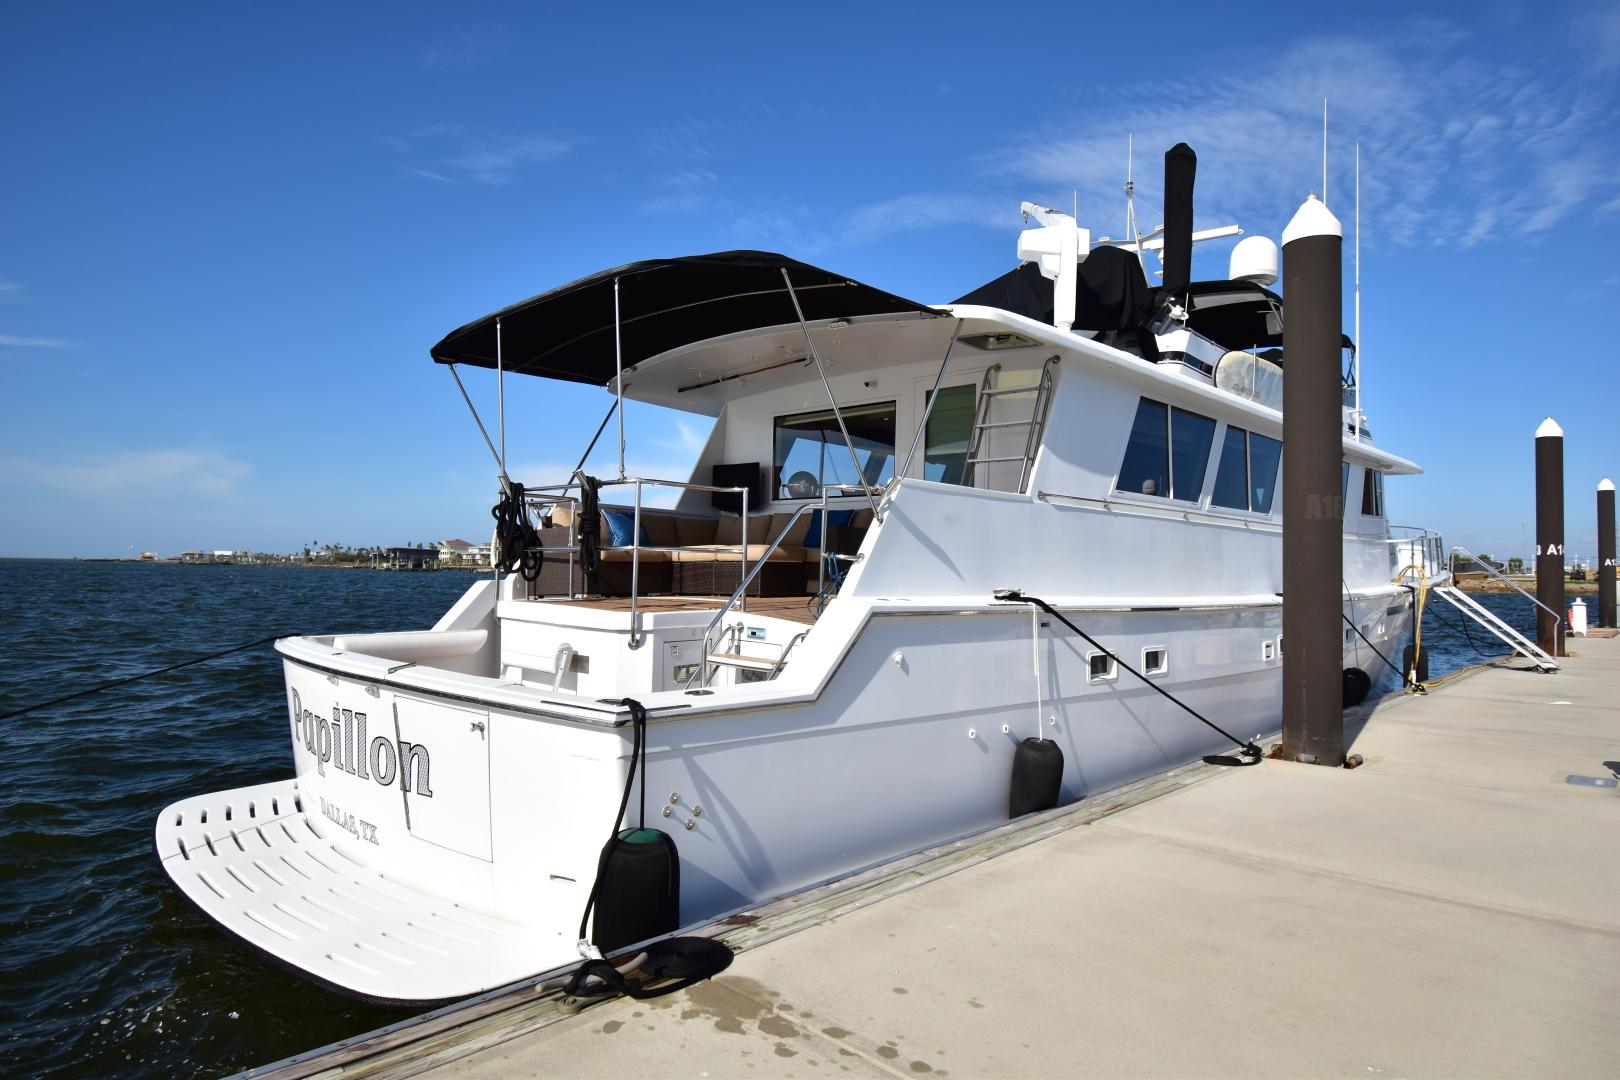 Hatteras-82 Cockpit Motor Yacht 1985-Papillon Seabrook-Texas-United States-Hatteras Motor Yacht 1985 Papillon-1345368 | Thumbnail